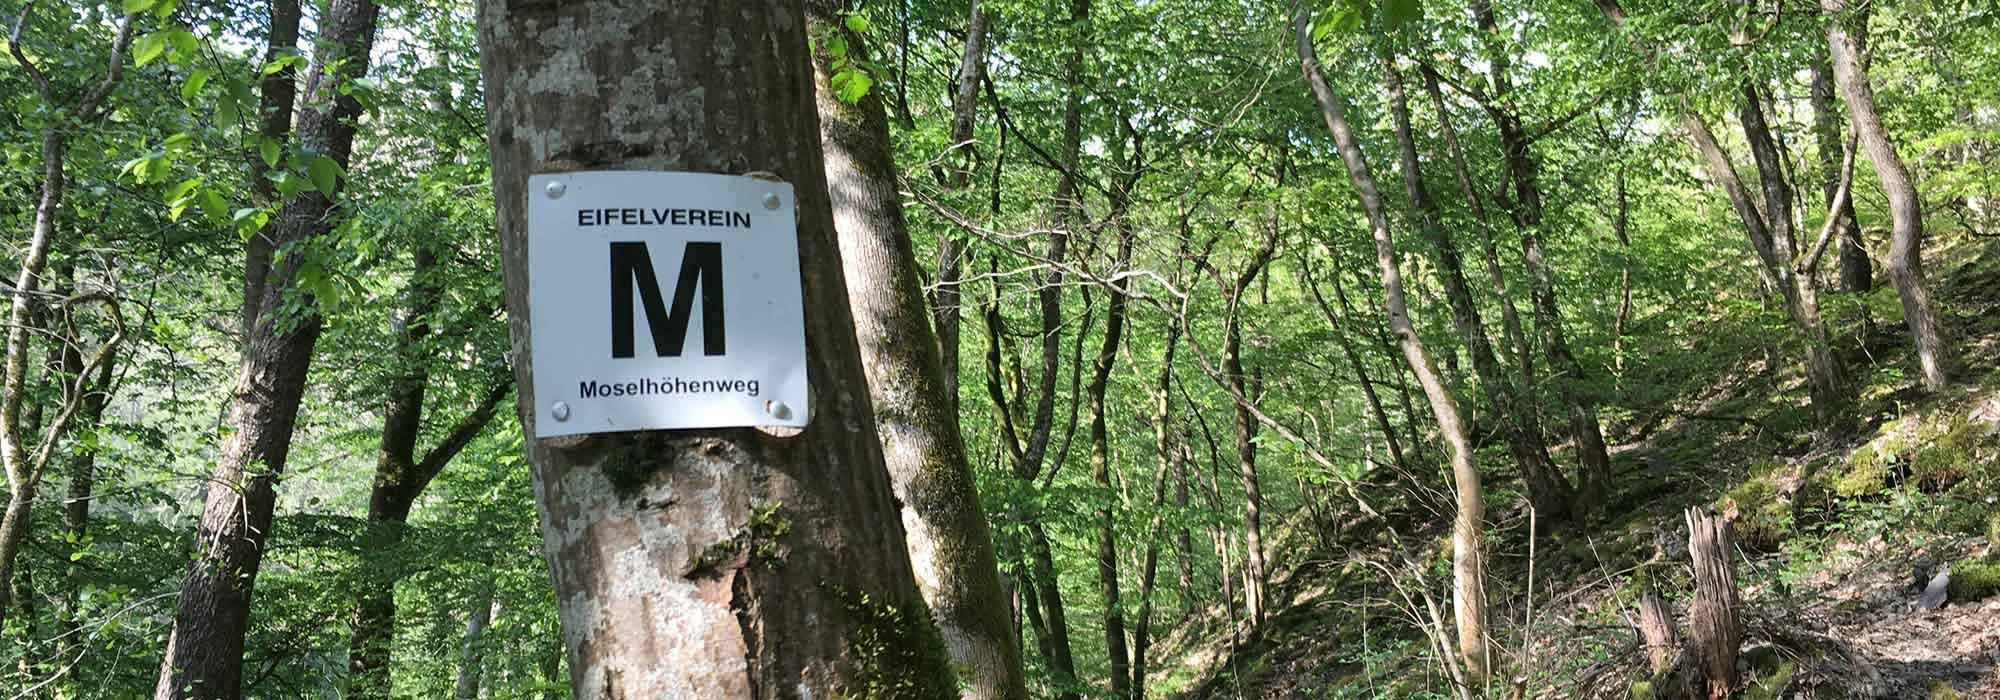 IMG_1235-Moselhoehenweg